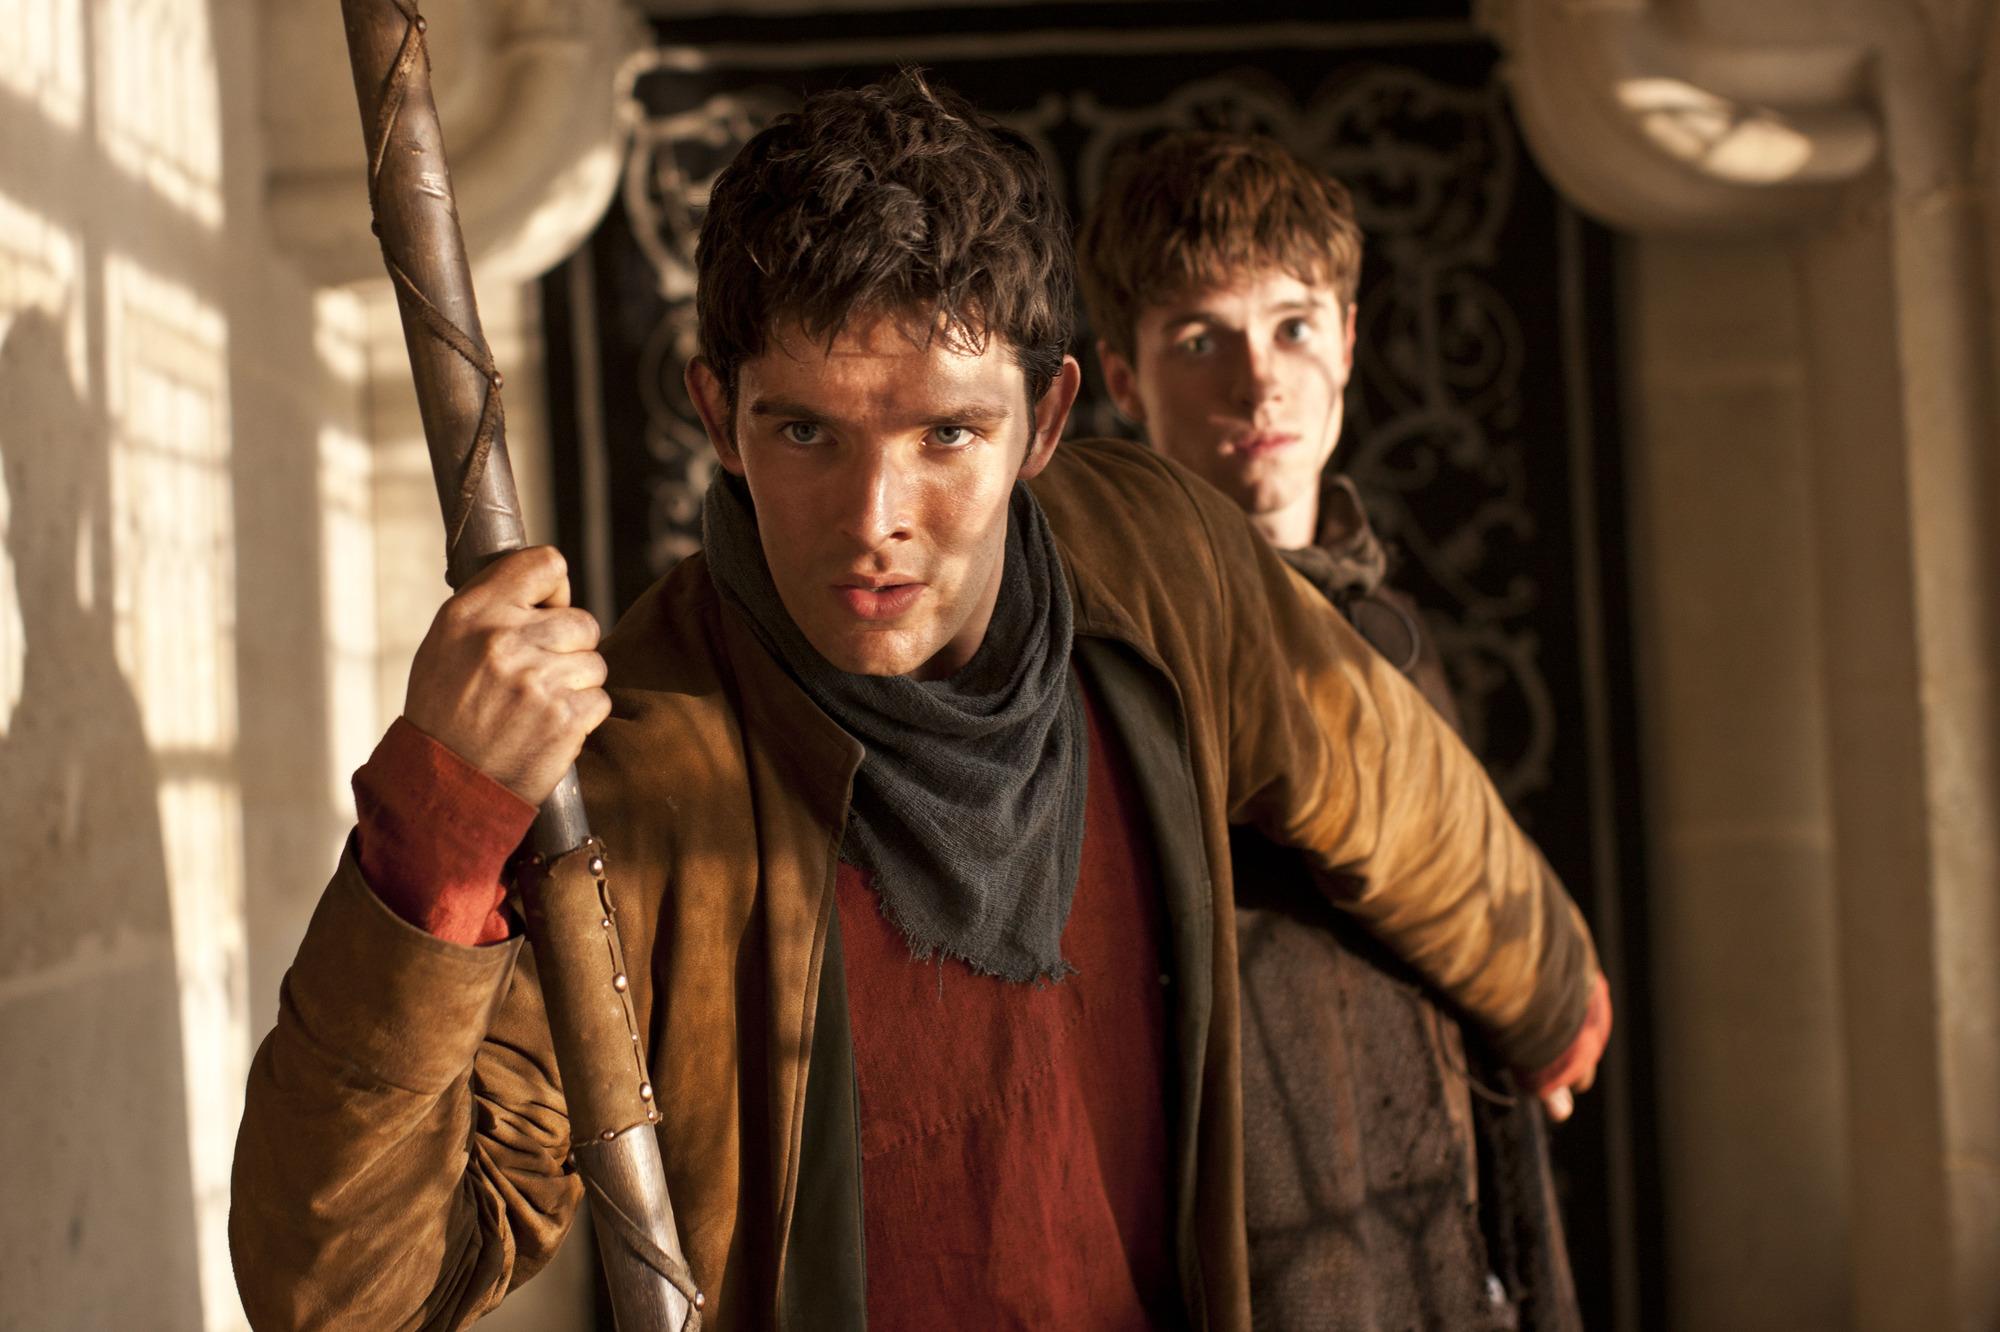 Merlin had better beware!